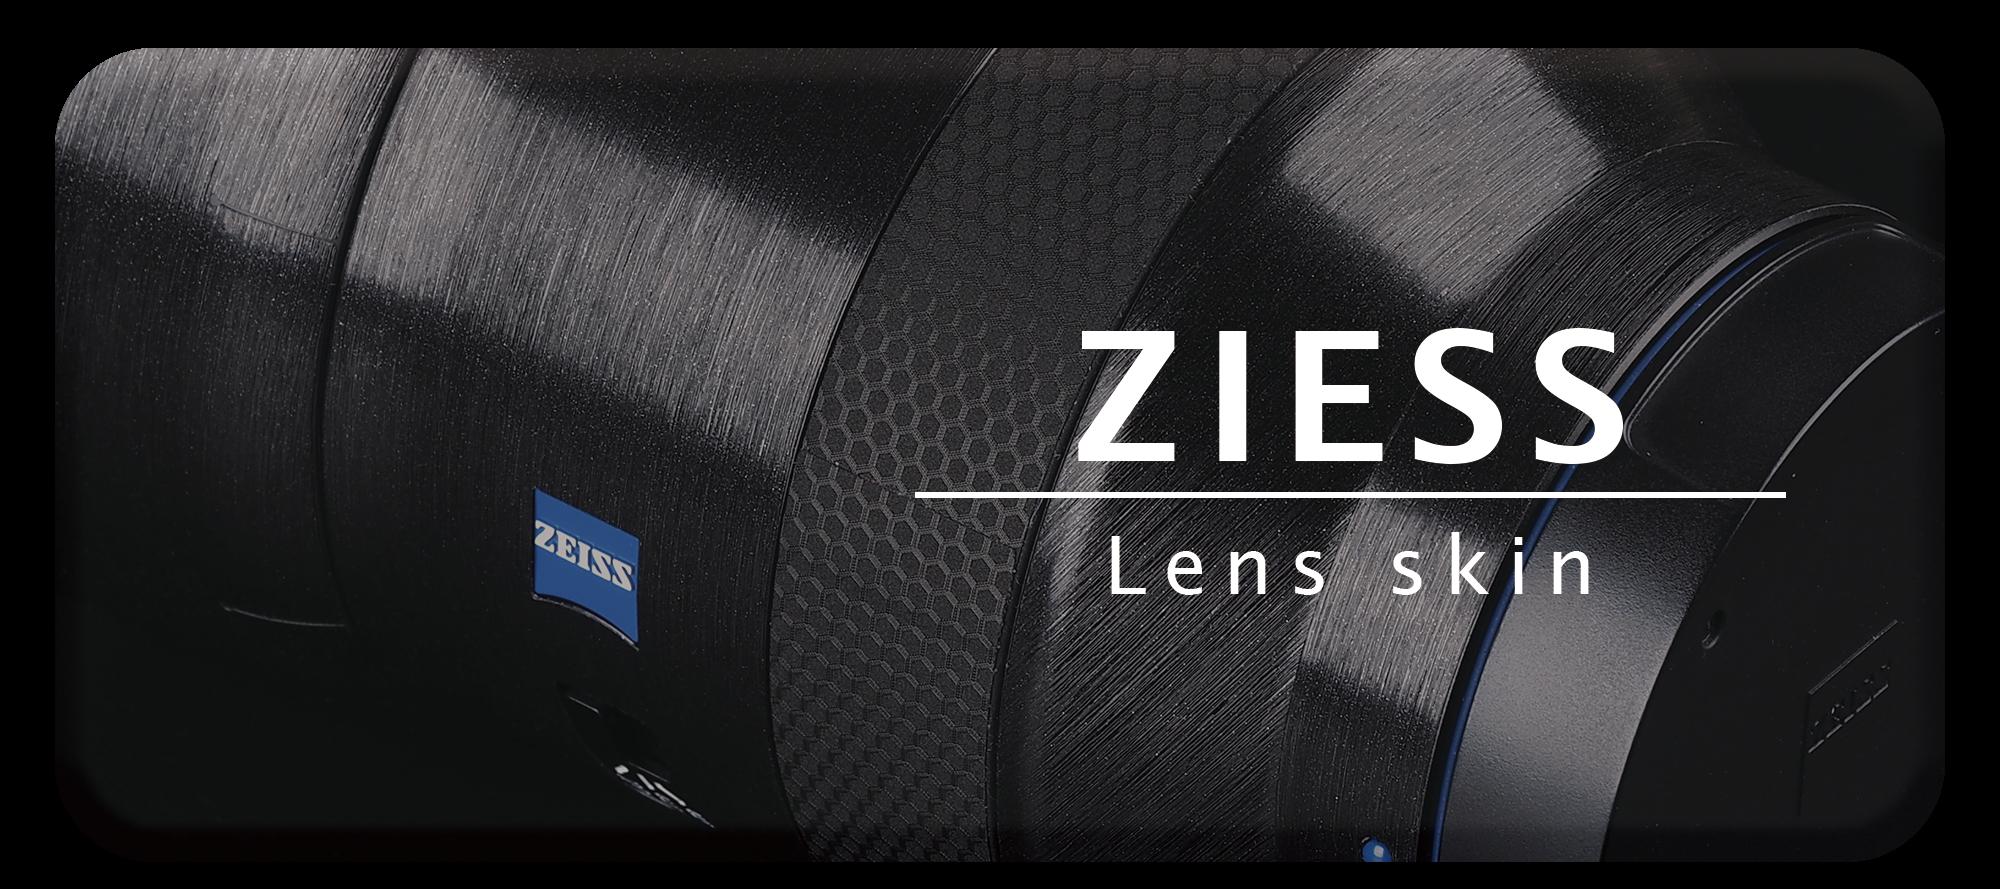 zeiss lens skin